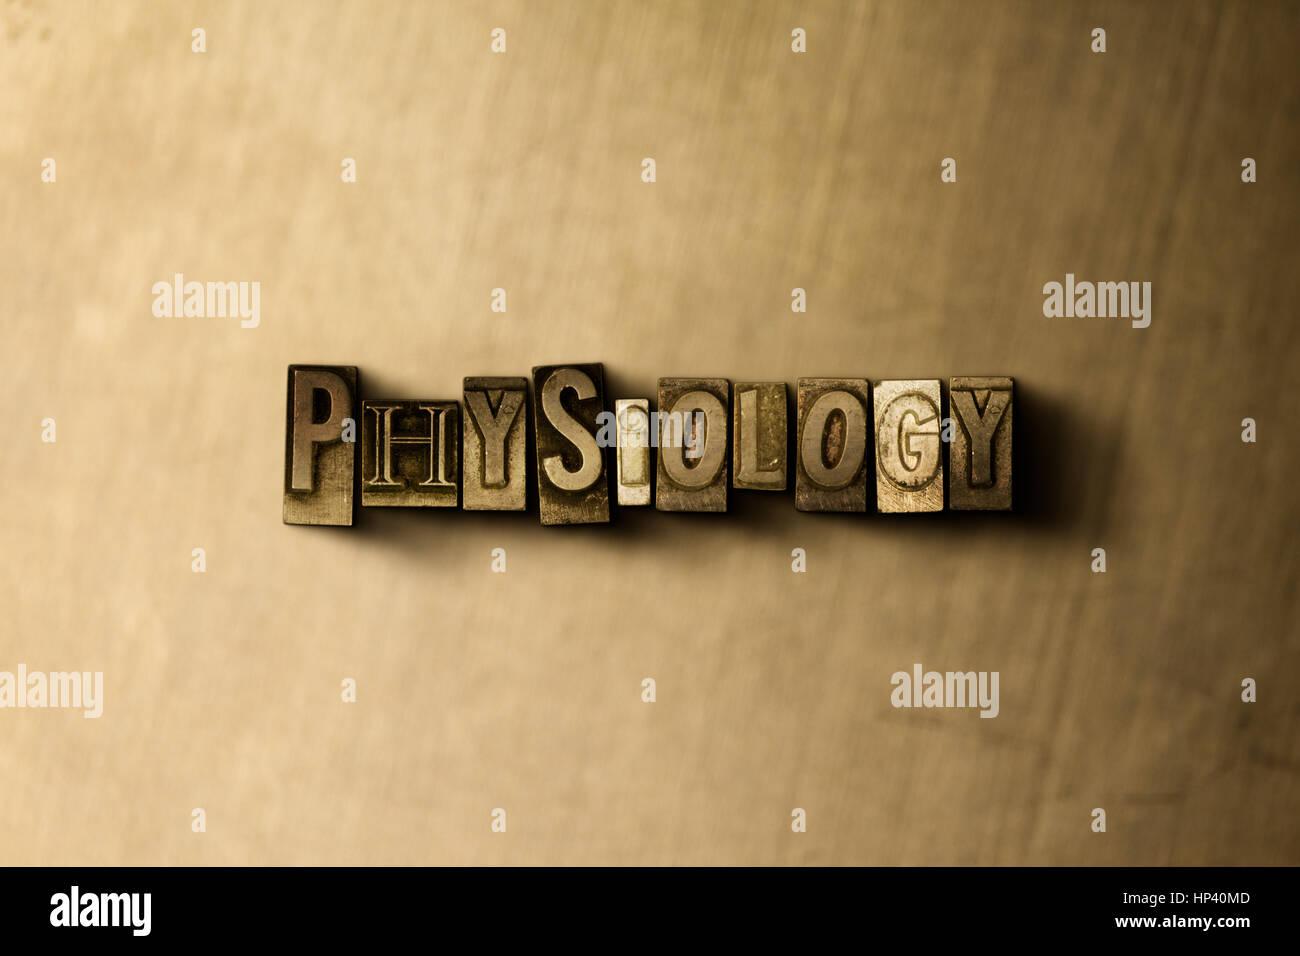 Physiologie - Schriftsatz Nahaufnahme von Grunge Vintage Wort auf Metall Hintergrund. GEMA freie stock Illustration. Stockbild